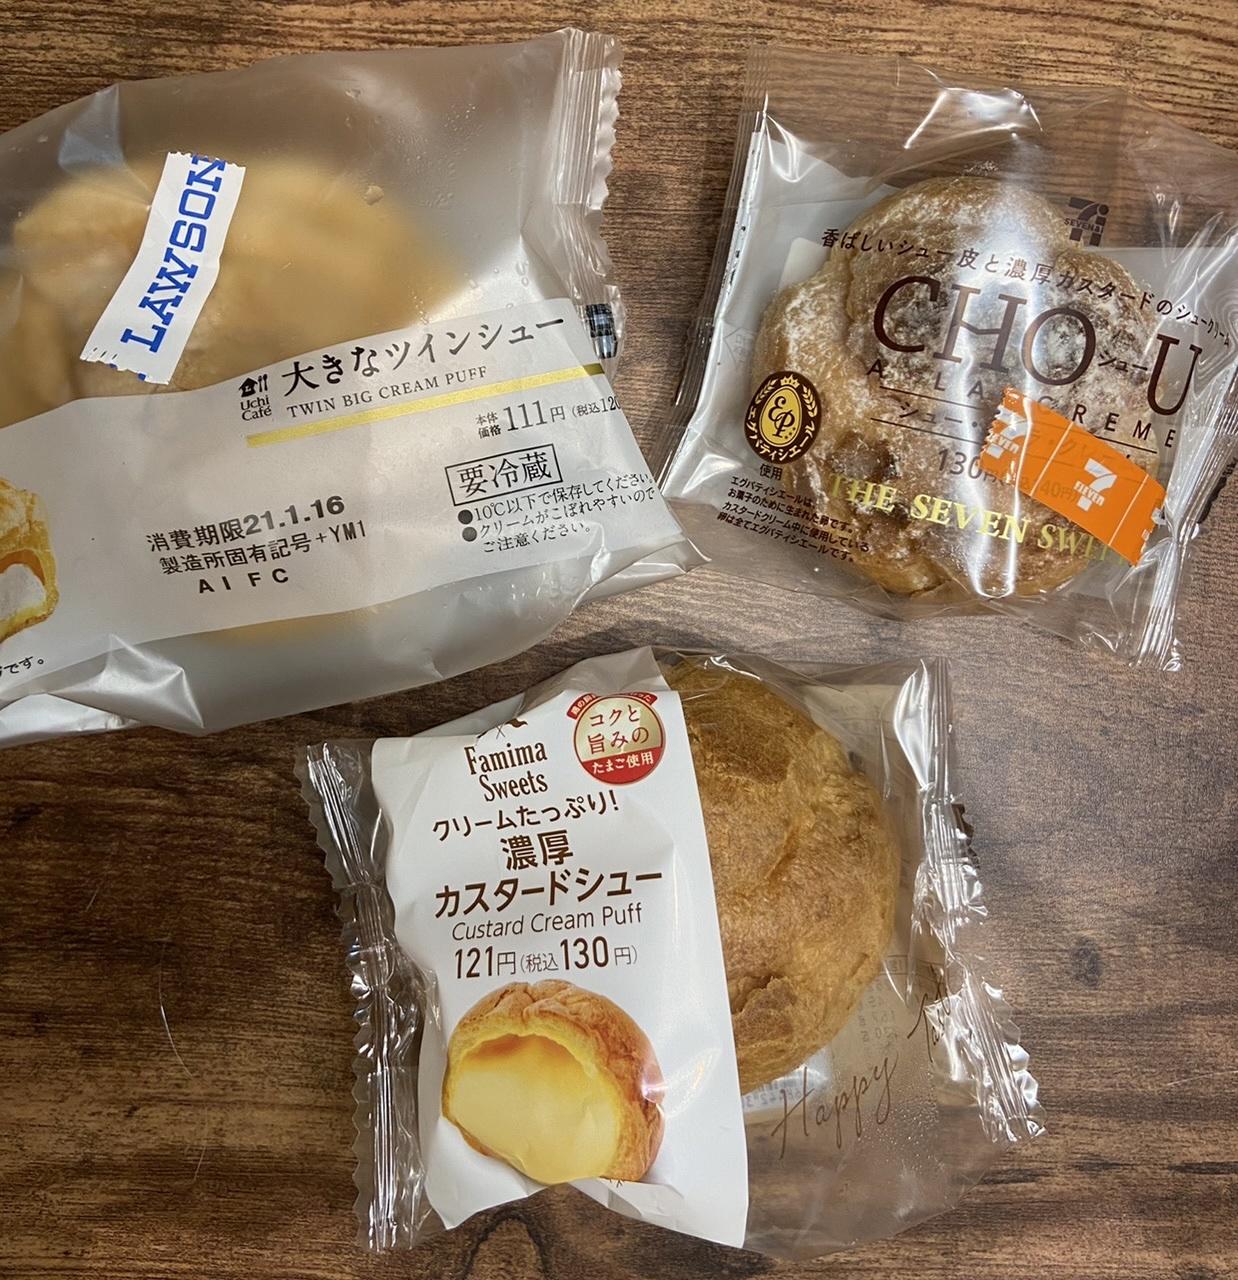 コンビニ3社 シュークリーム食べ比べ_1_2